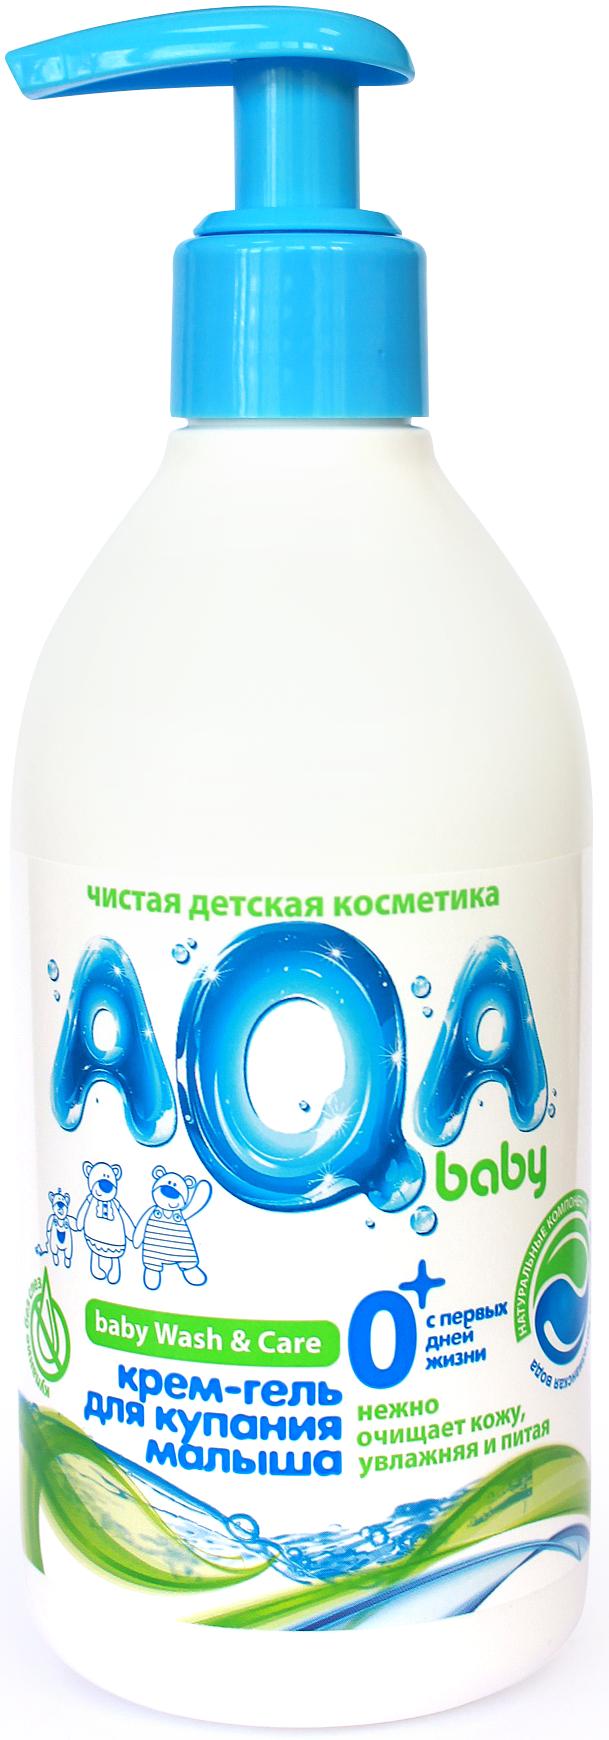 Крем-гель для купания AQA baby С дозатором 300 мл гель aqa baby с дозатором 300 мл